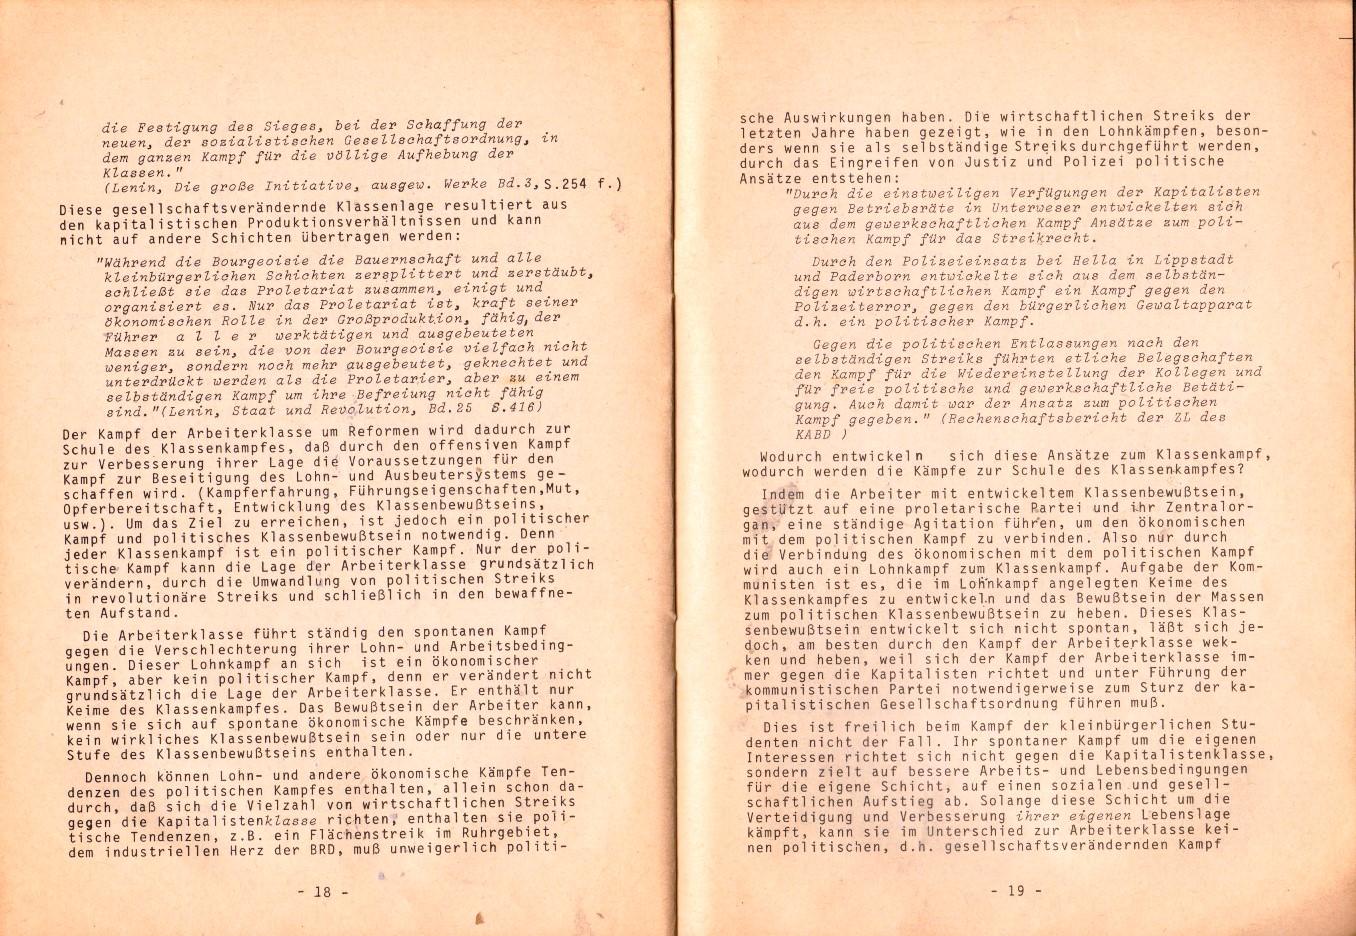 KABD_1976_Parteiaufbau_und_Intellektuellenfrage_13